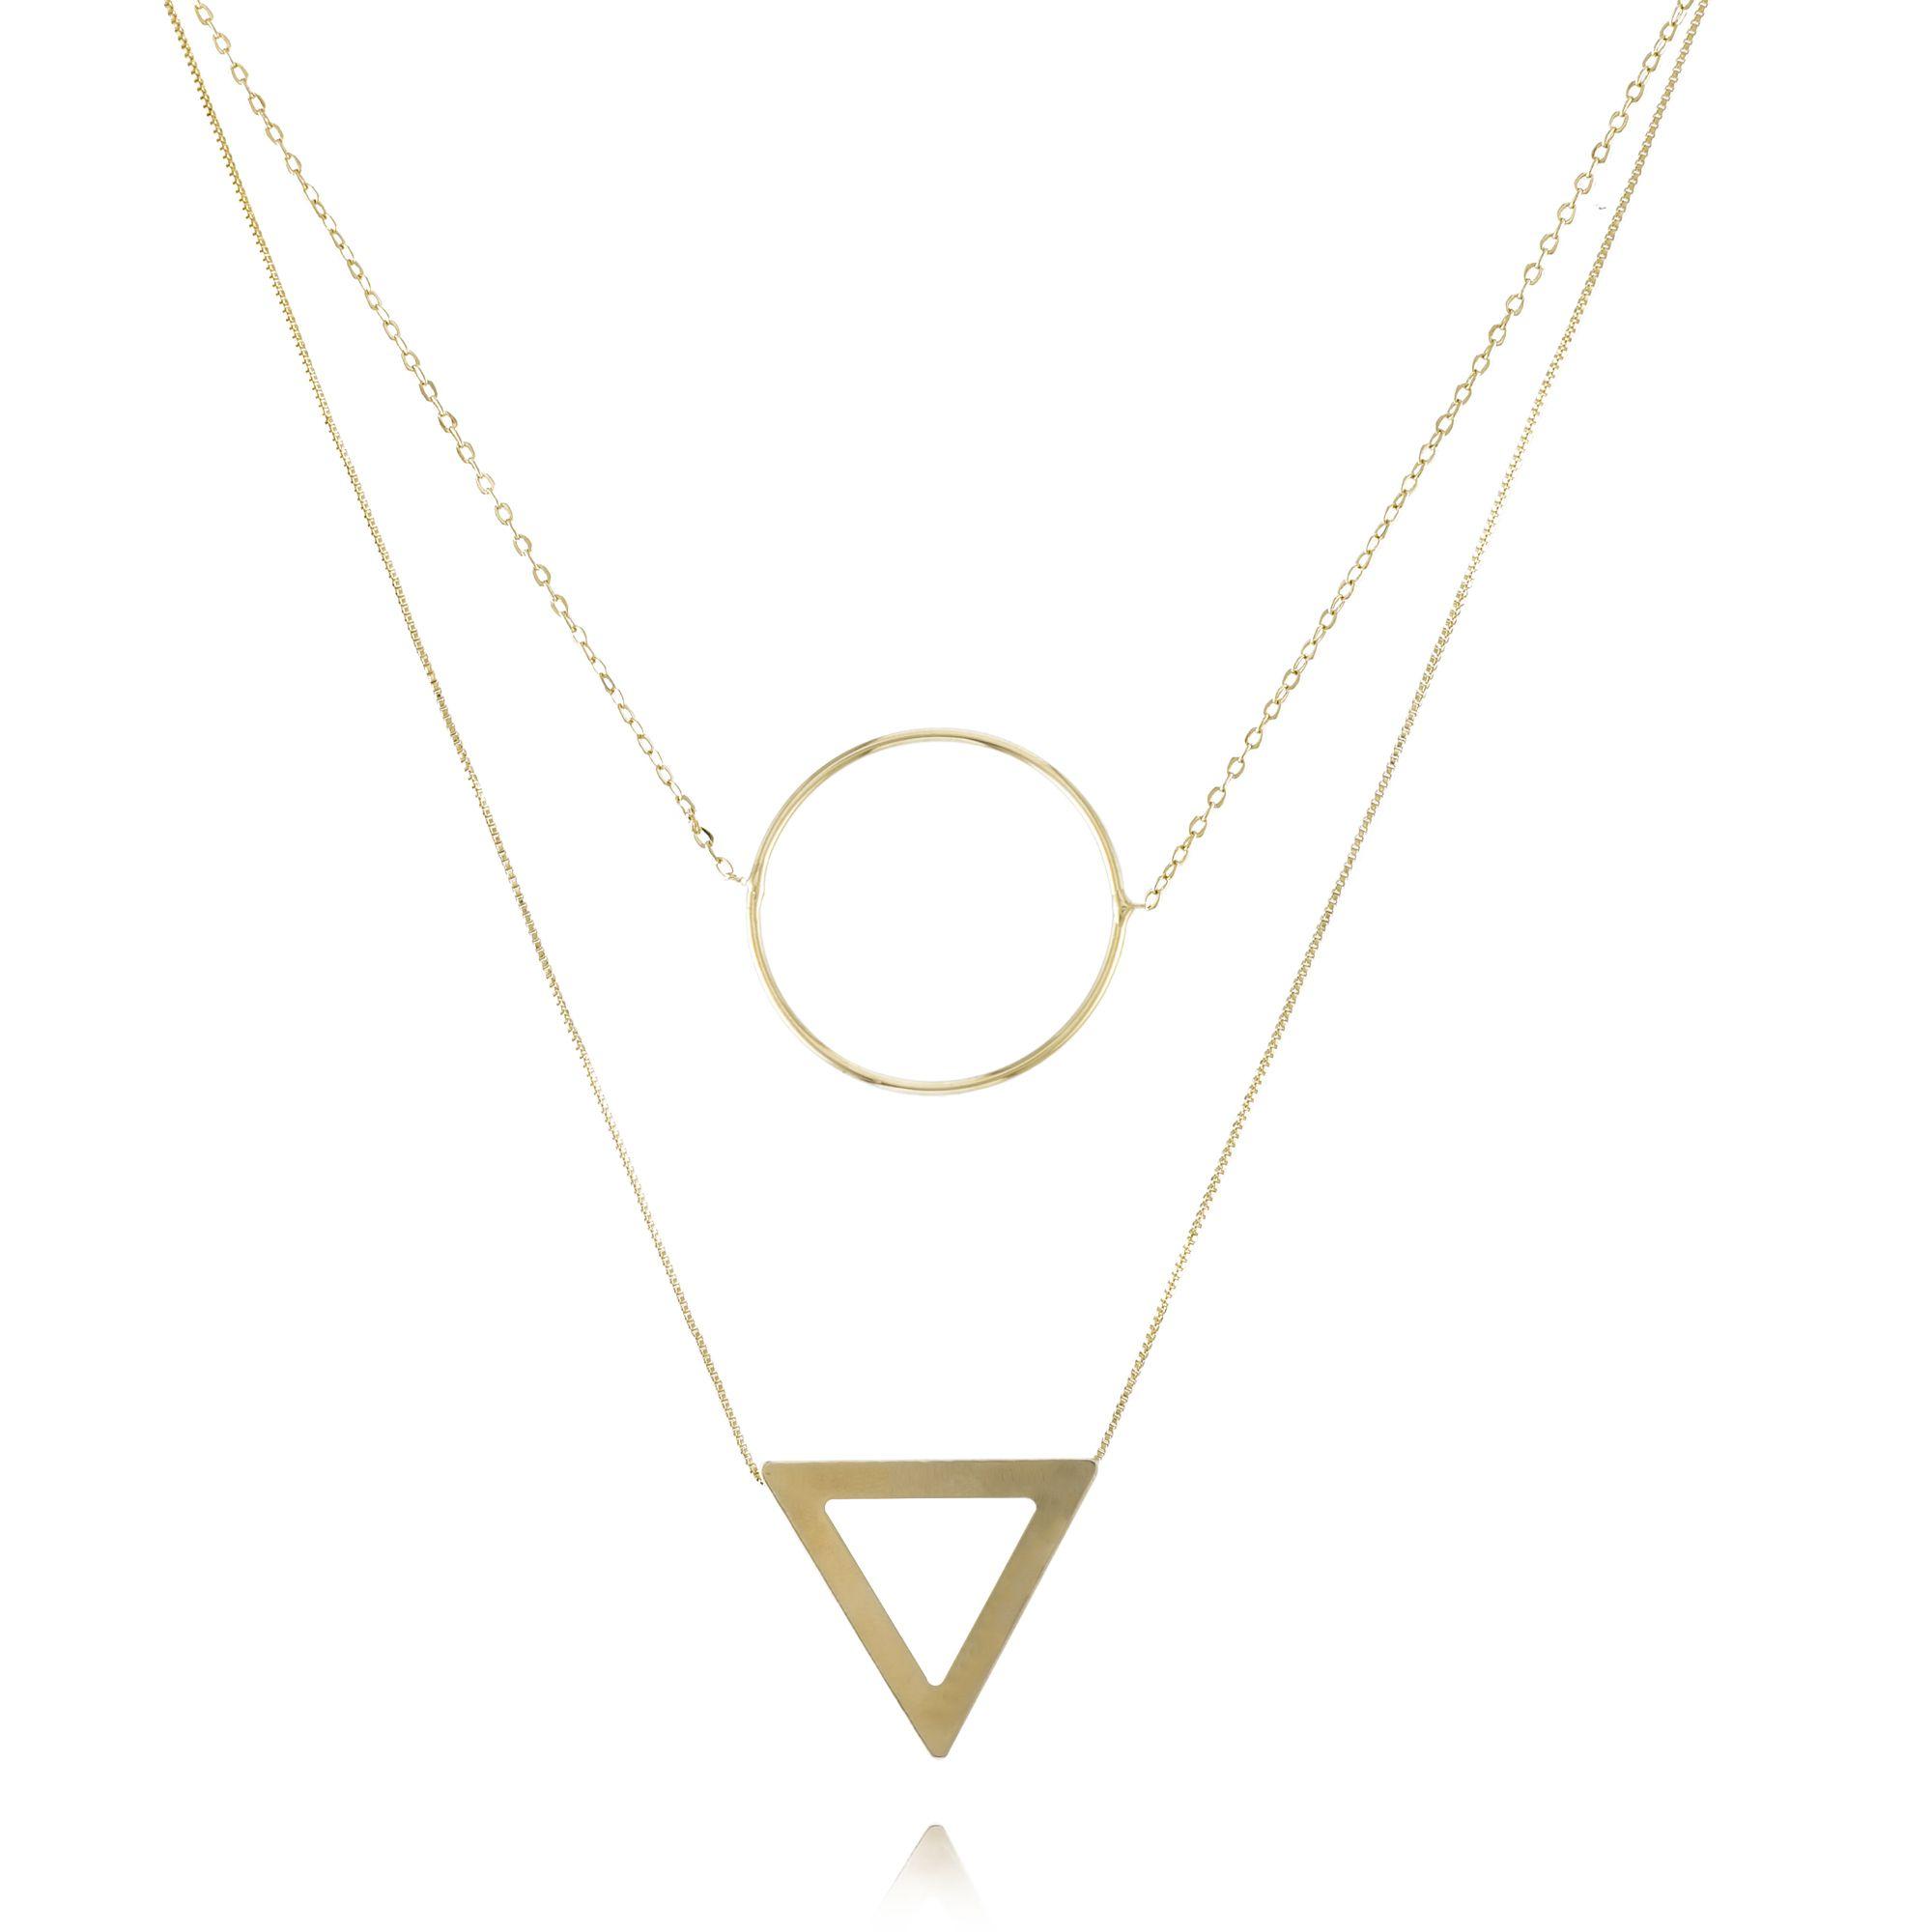 Colar Curto Duplo Dourado com Pingentes Círculo e Triangular